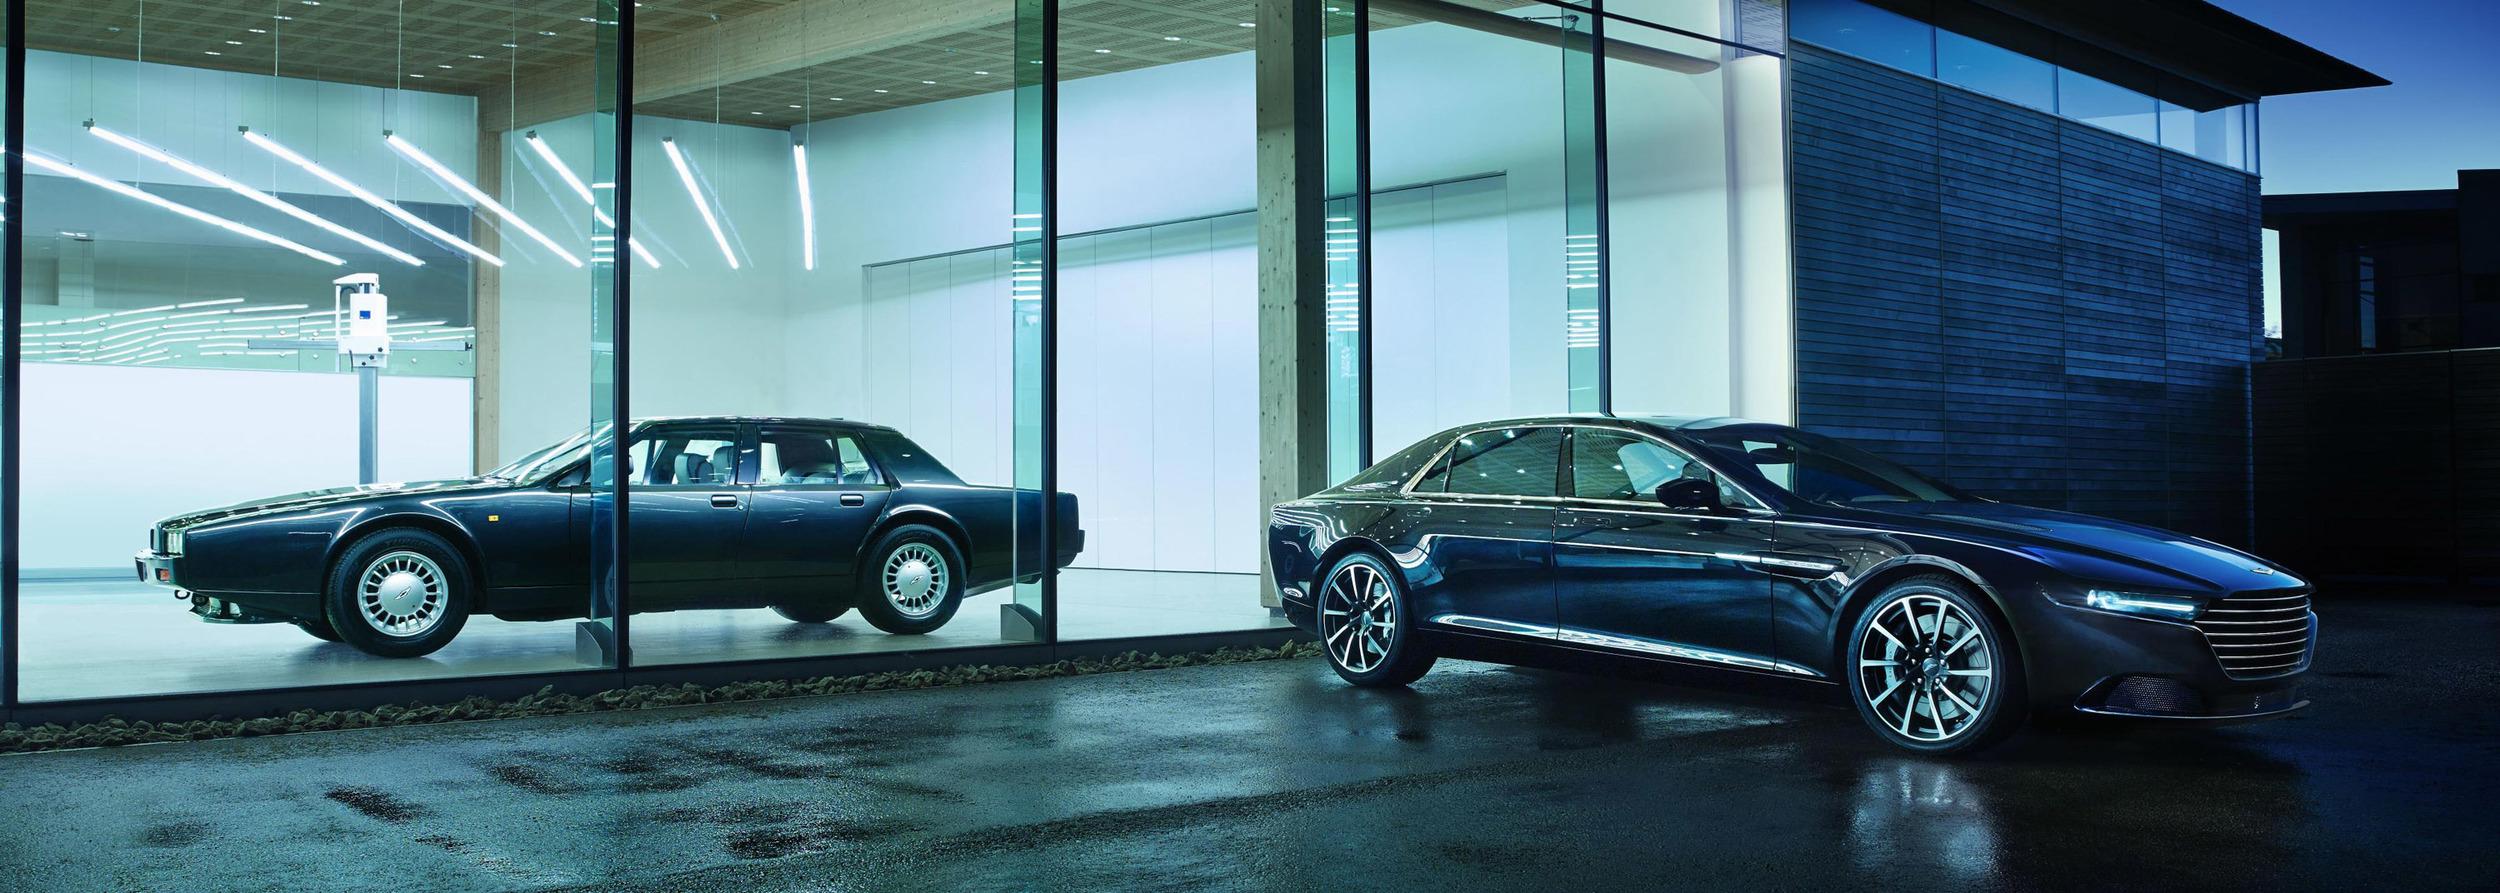 2 générations d'Aston Martin Lagonda, fer de lance de l'exclusivité bourgeoise selon Aston.